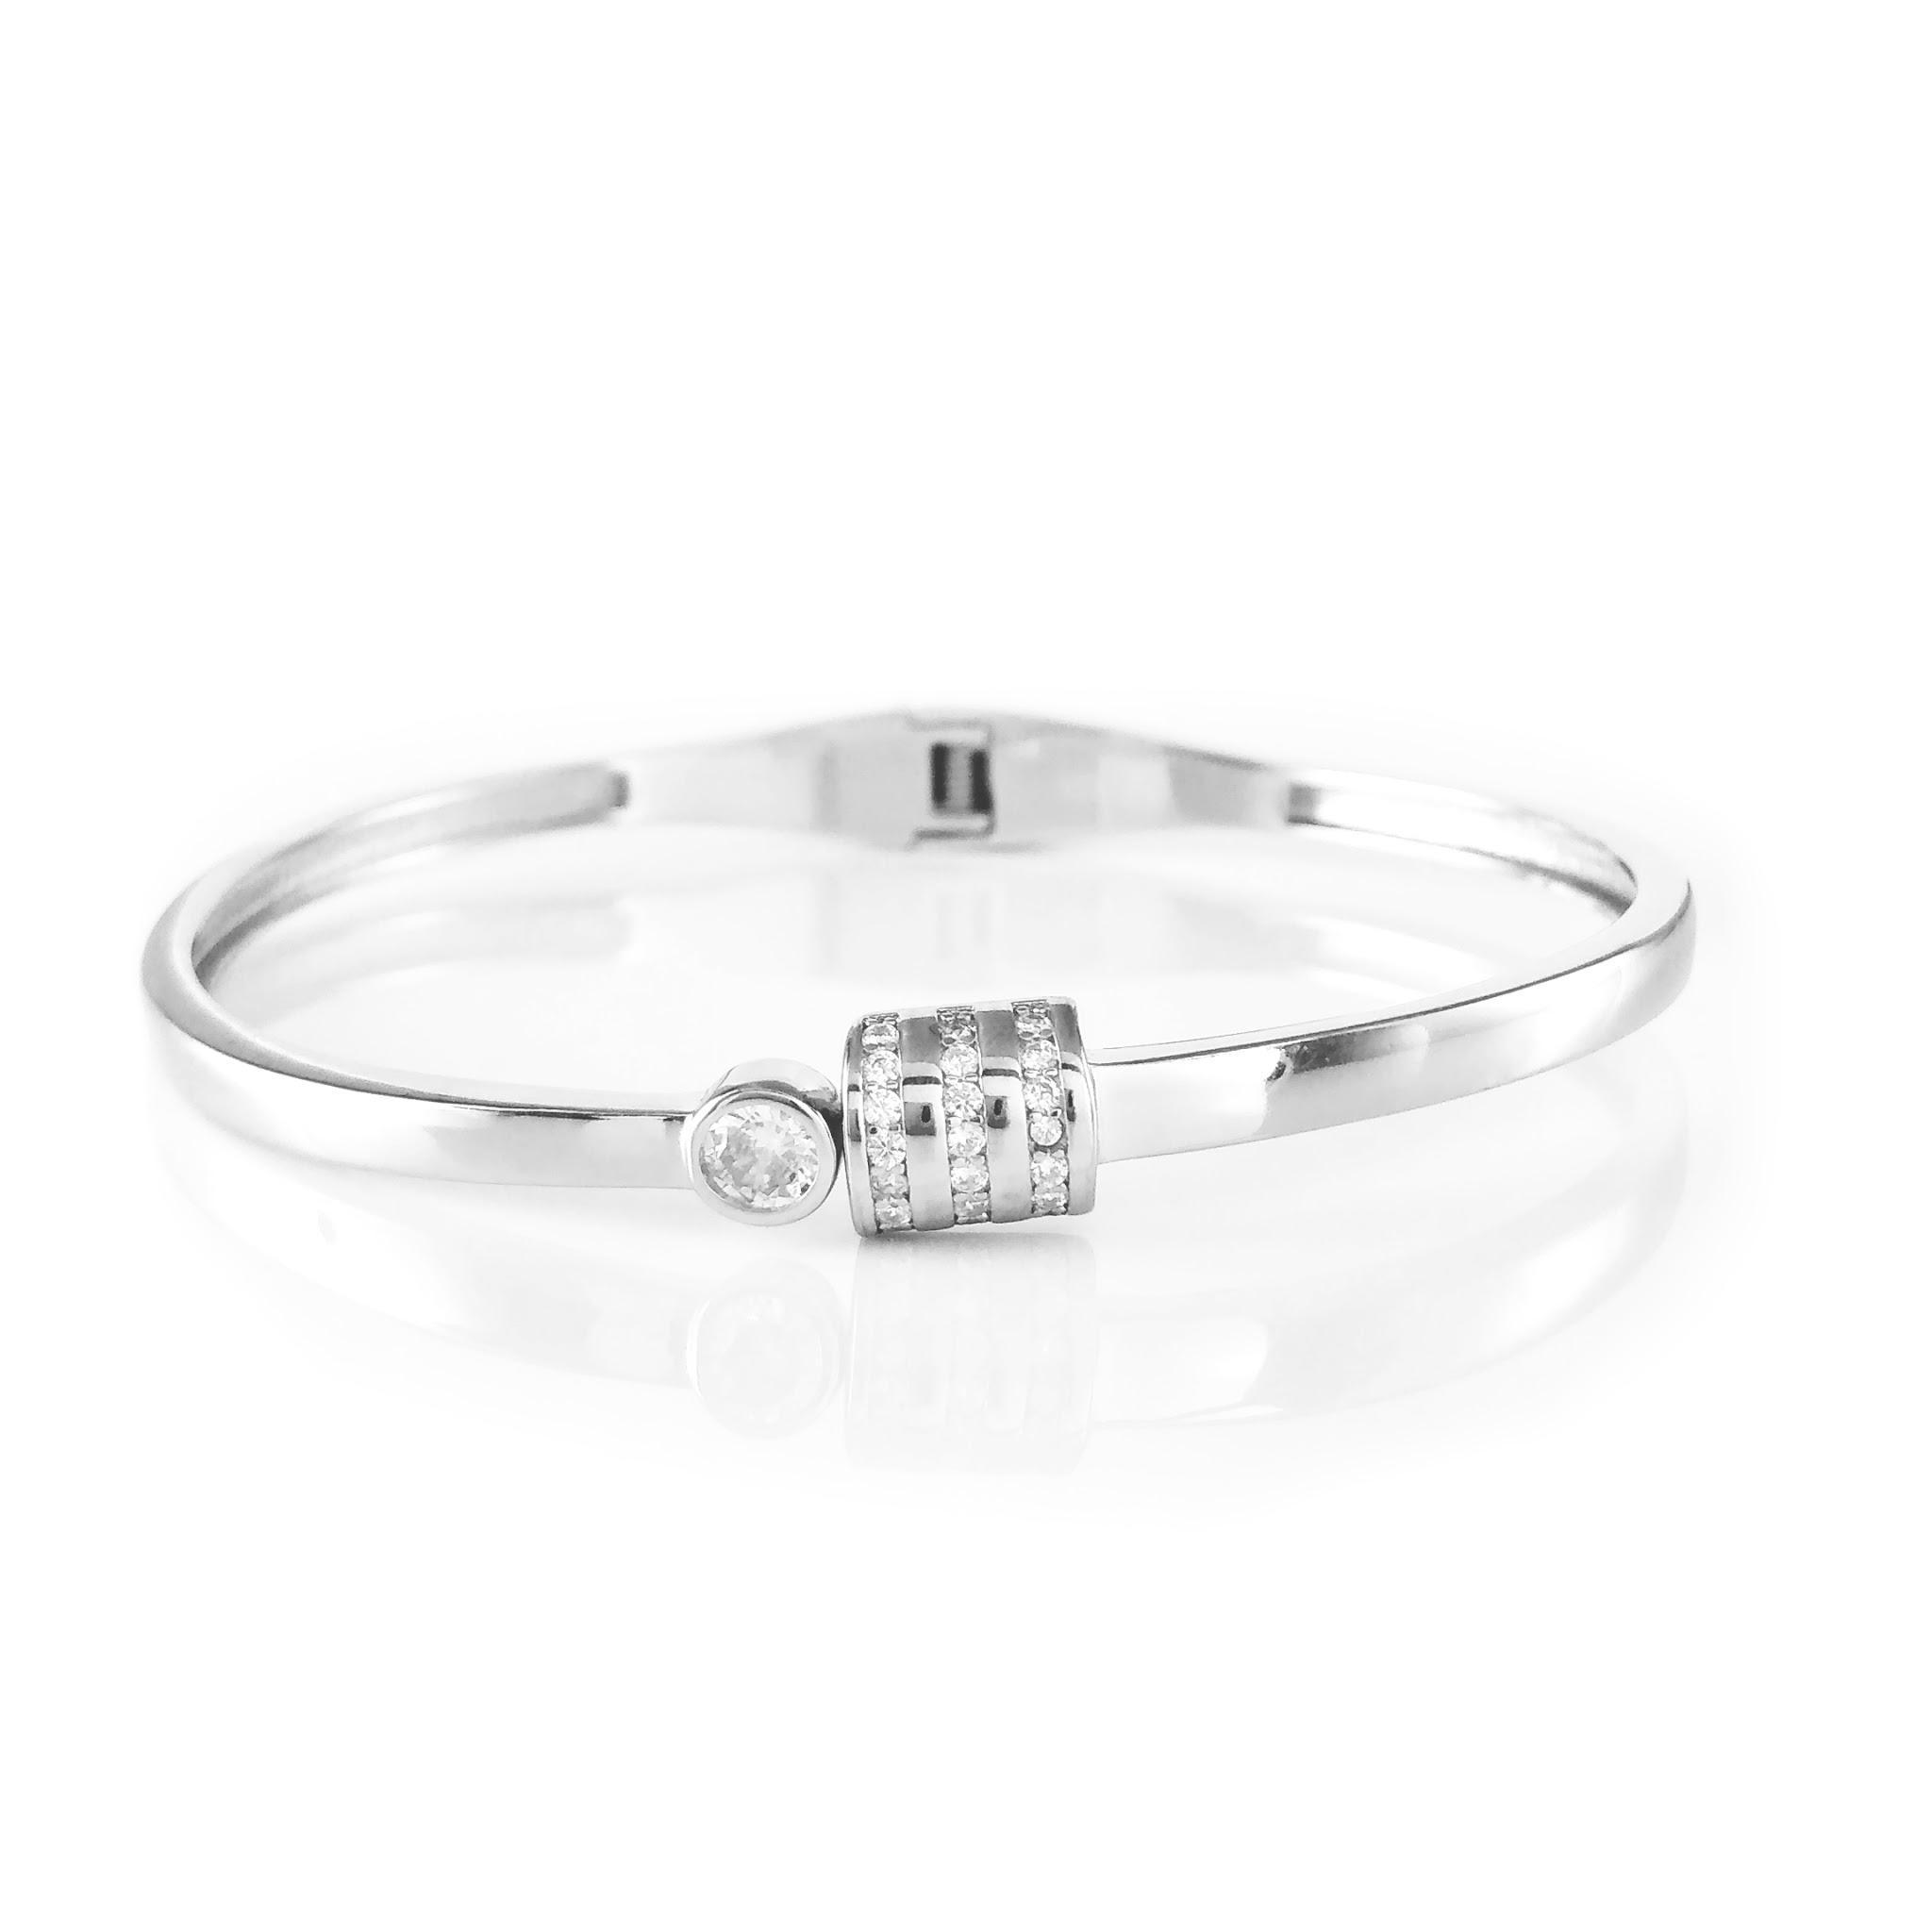 Sleak Punto Silver Bracelet